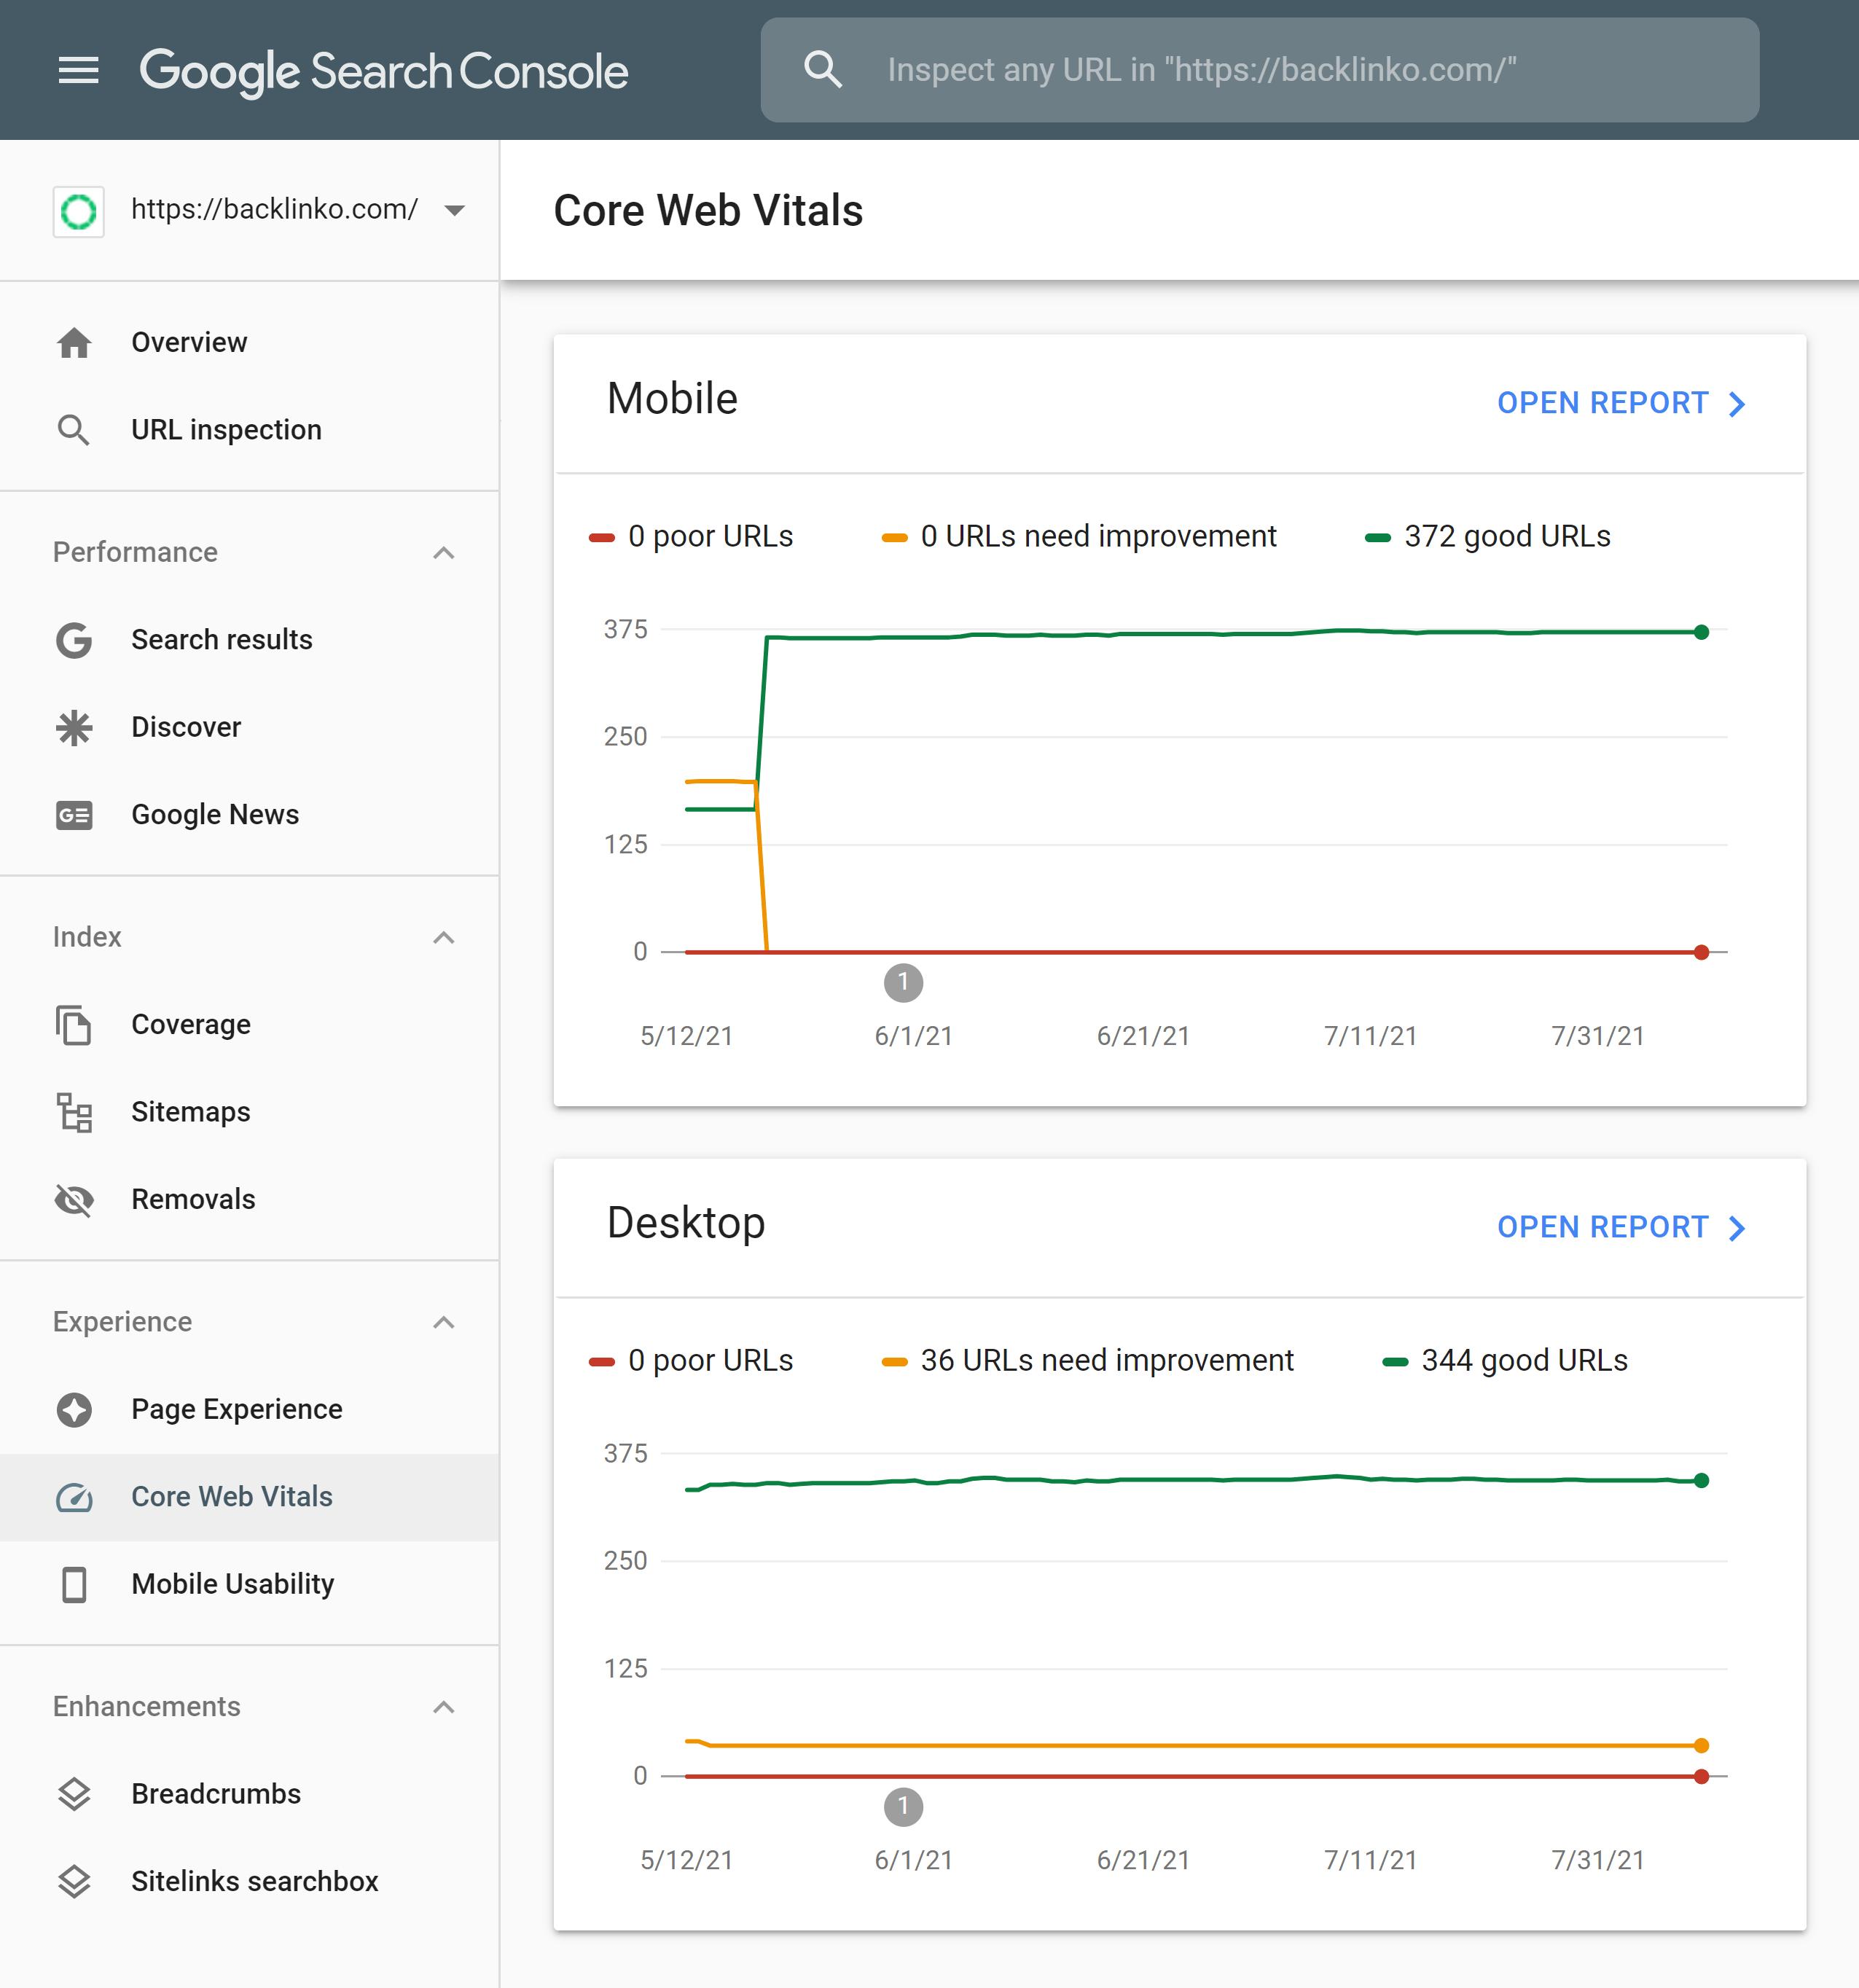 Google Search Console – Core Web Vitals